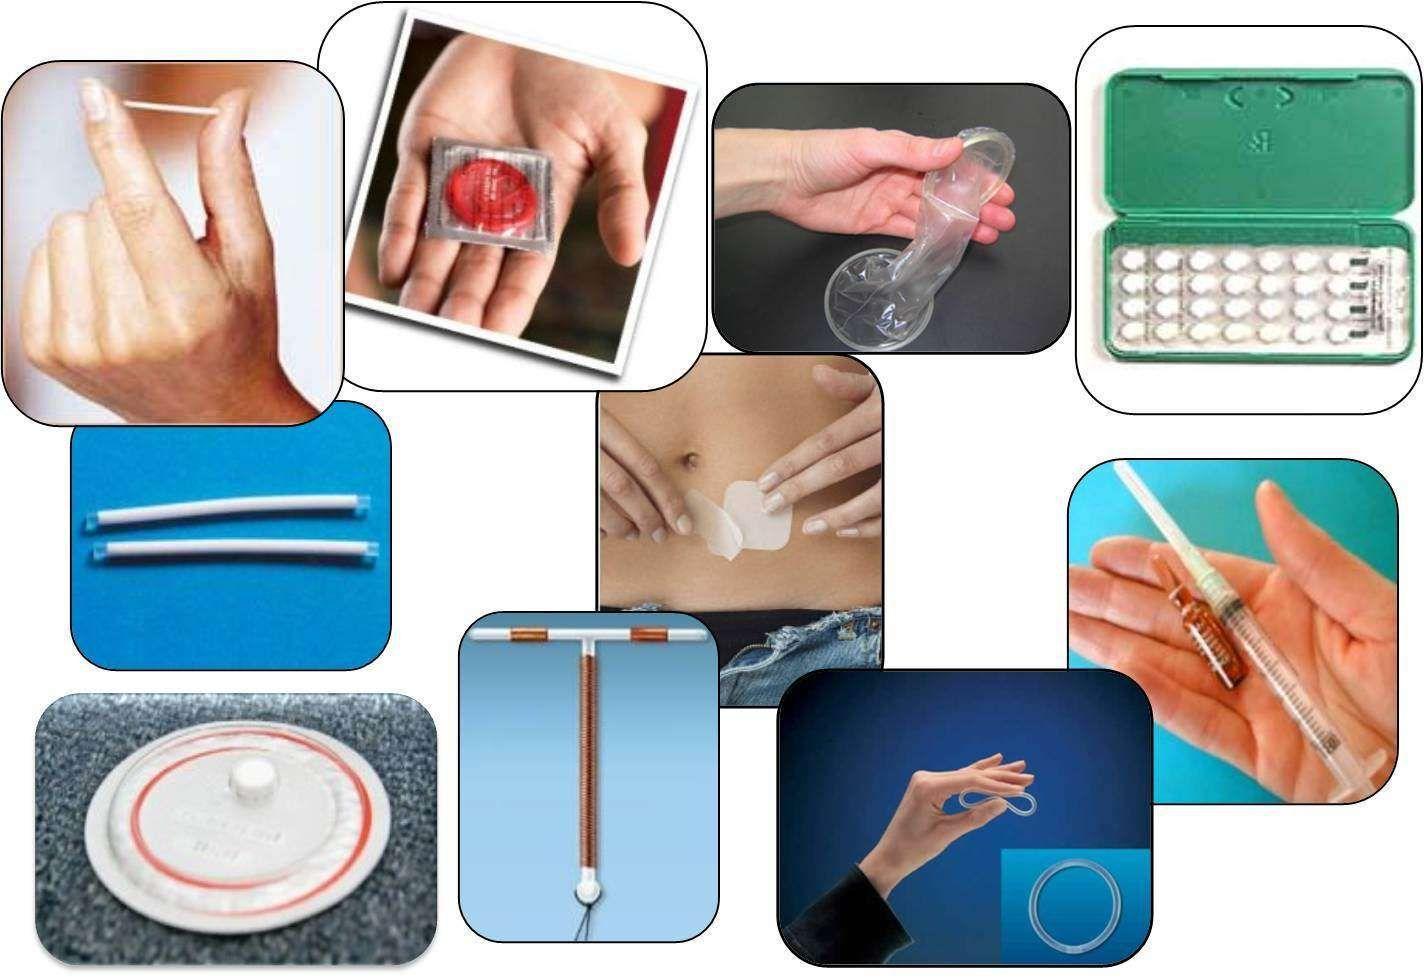 Противозачаточные свечи: как выбрать контрацептив, действие средств для предохранения от беременности, цены и отзывы о препаратах